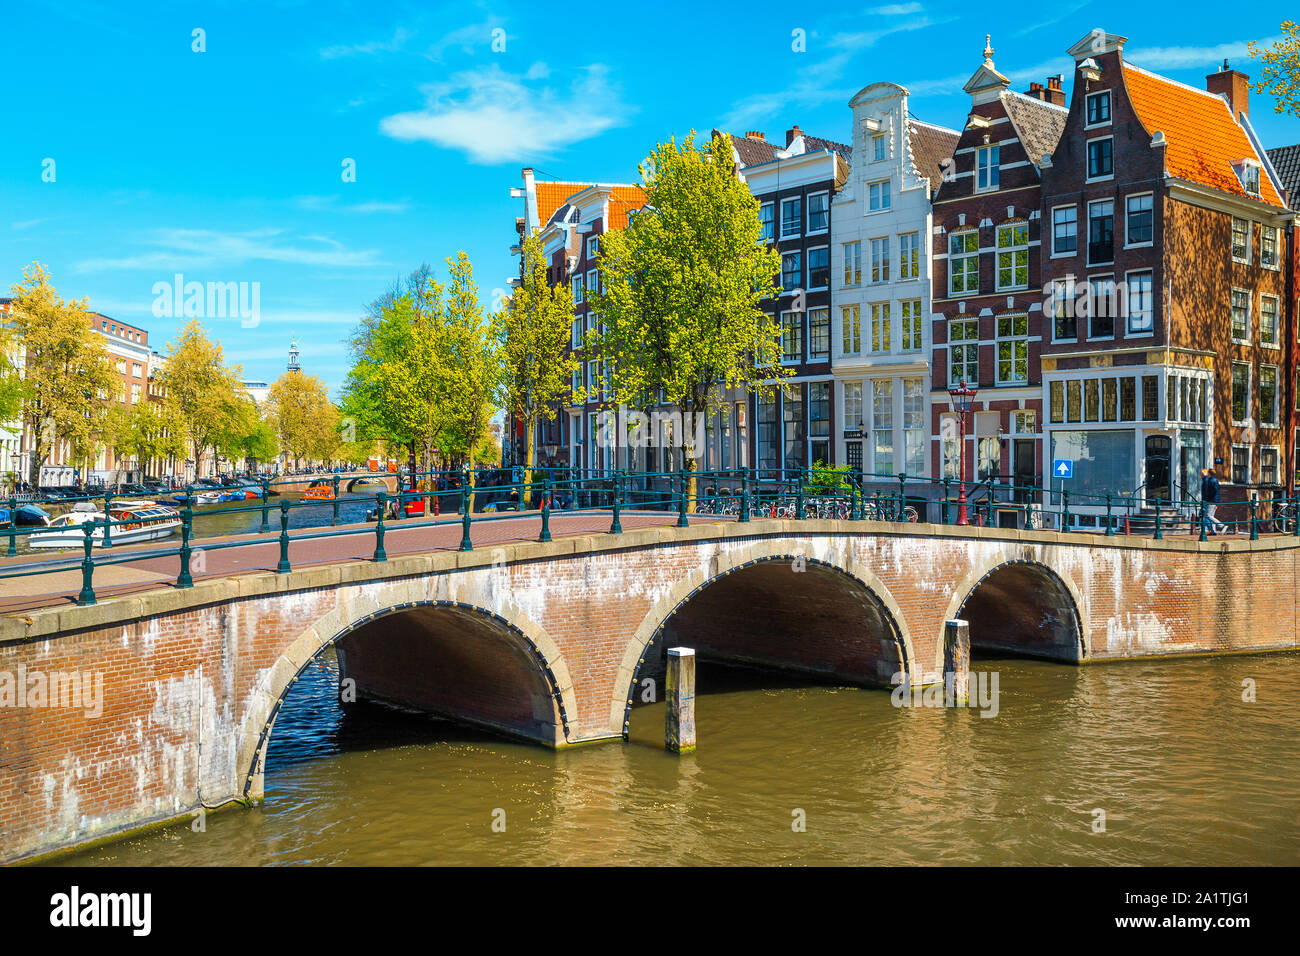 Voyage pittoresque et touristique. De l'eau magnifiques canaux et voies navigables avec de spectaculaires bâtiments hollandais traditionnel, Amsterdam, Pays-Bas, E Banque D'Images